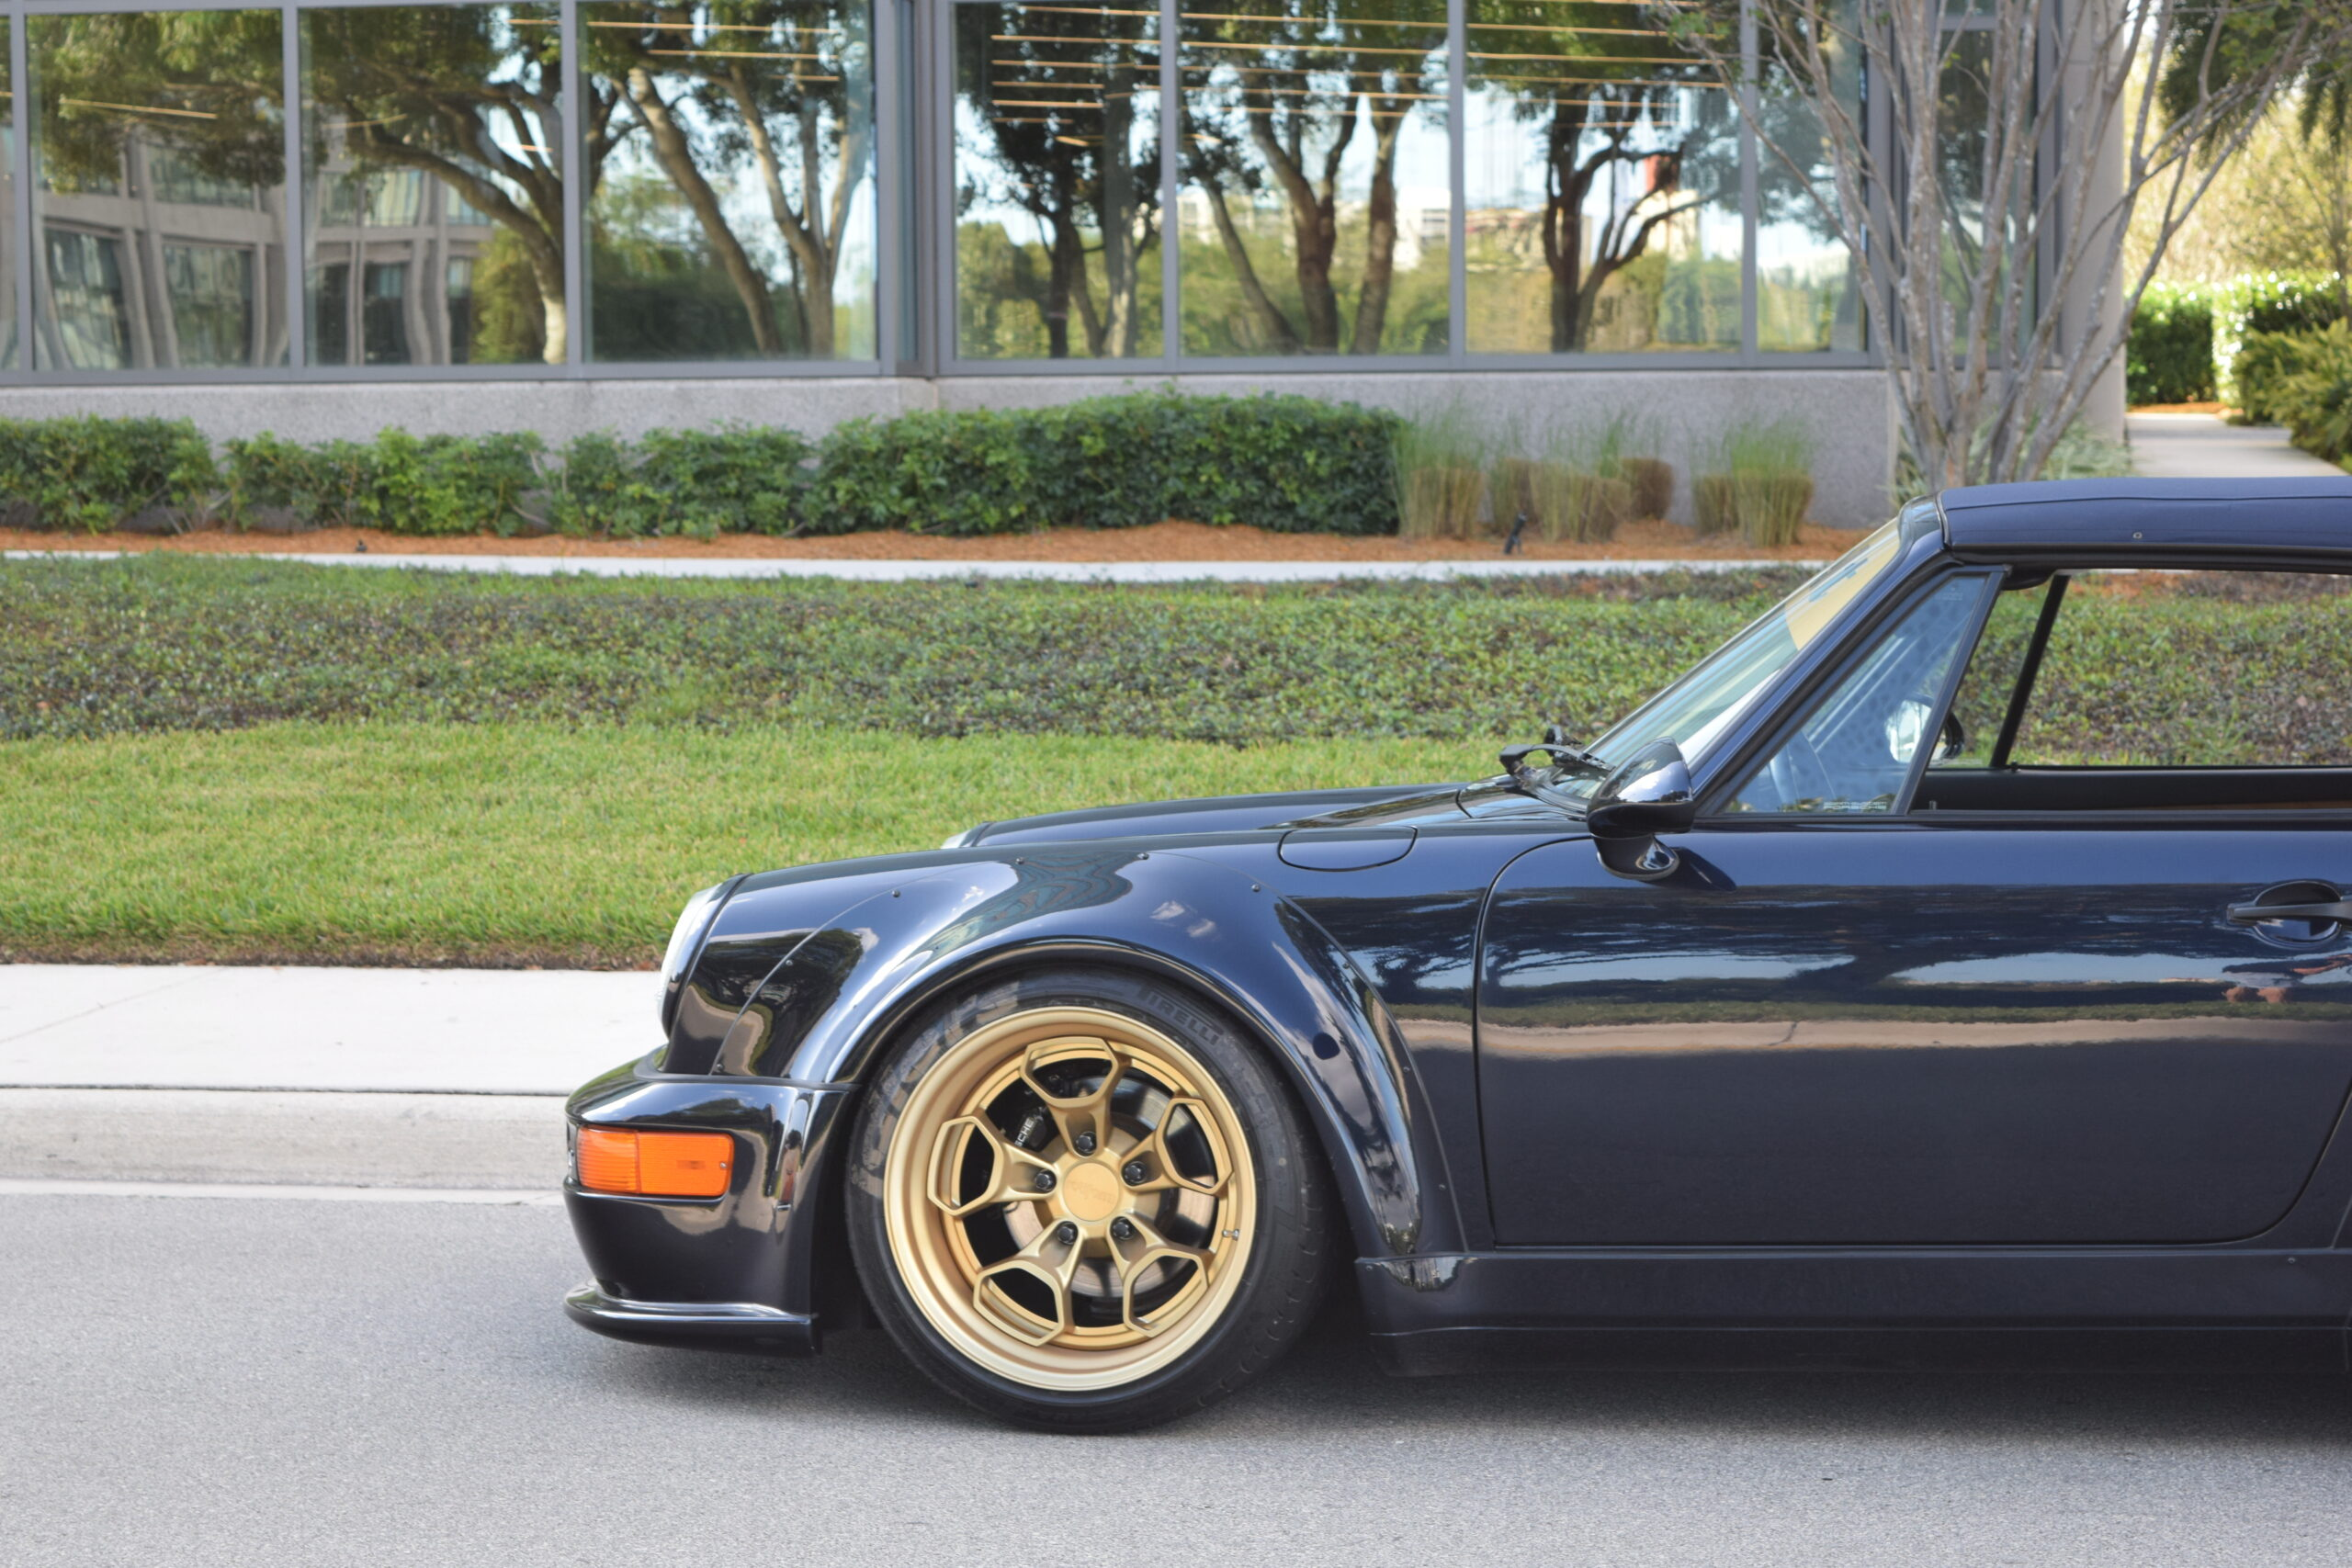 1993 Porsche 911/ RWB Europe 964 C4 Cabriolet Midnight Blue/ Tan 1 Owner Only 48k Miles